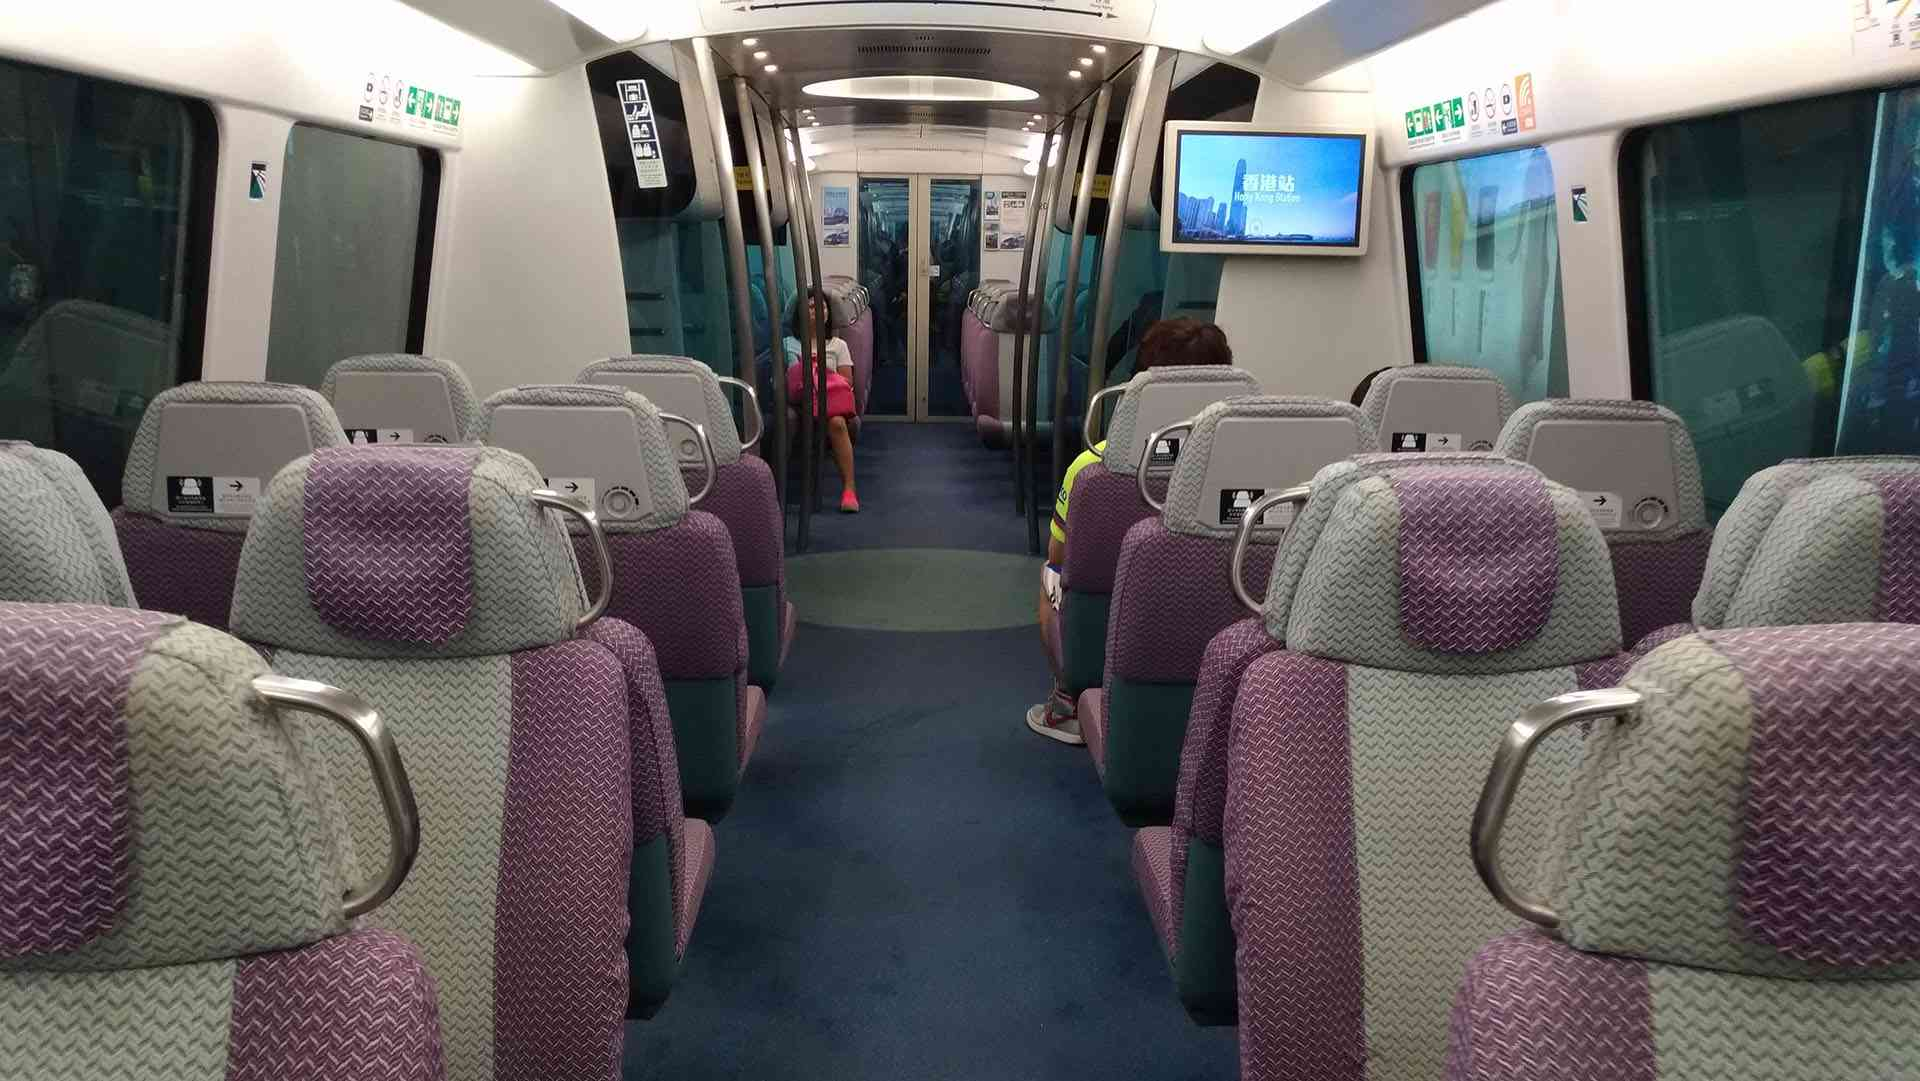 Airport Express interior, Hong Kong